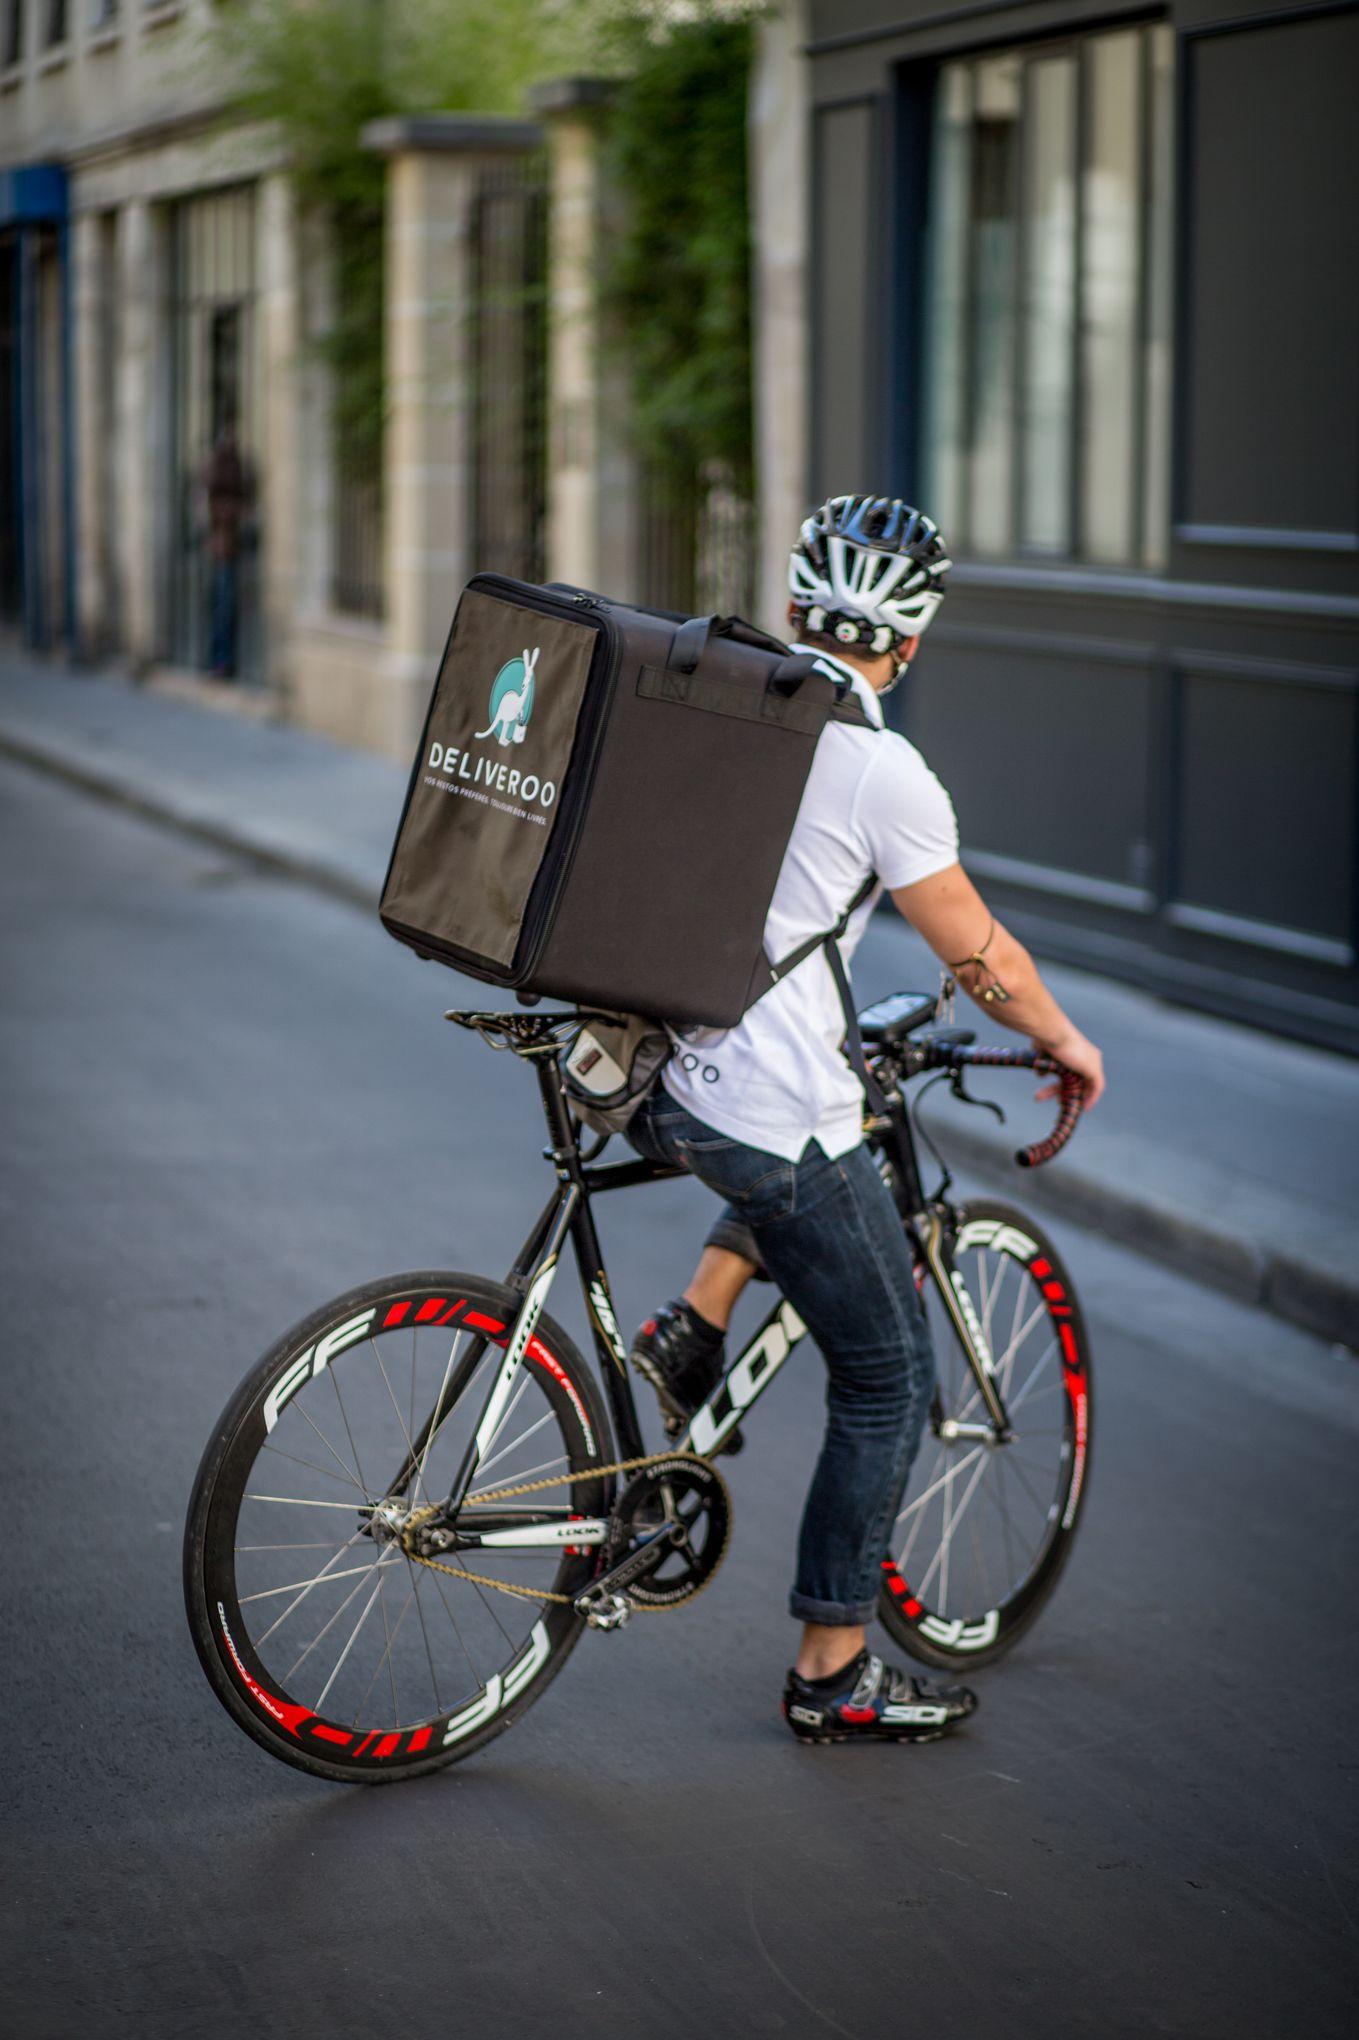 la livraison de repas domicile un jackpot pour les cyclistes. Black Bedroom Furniture Sets. Home Design Ideas